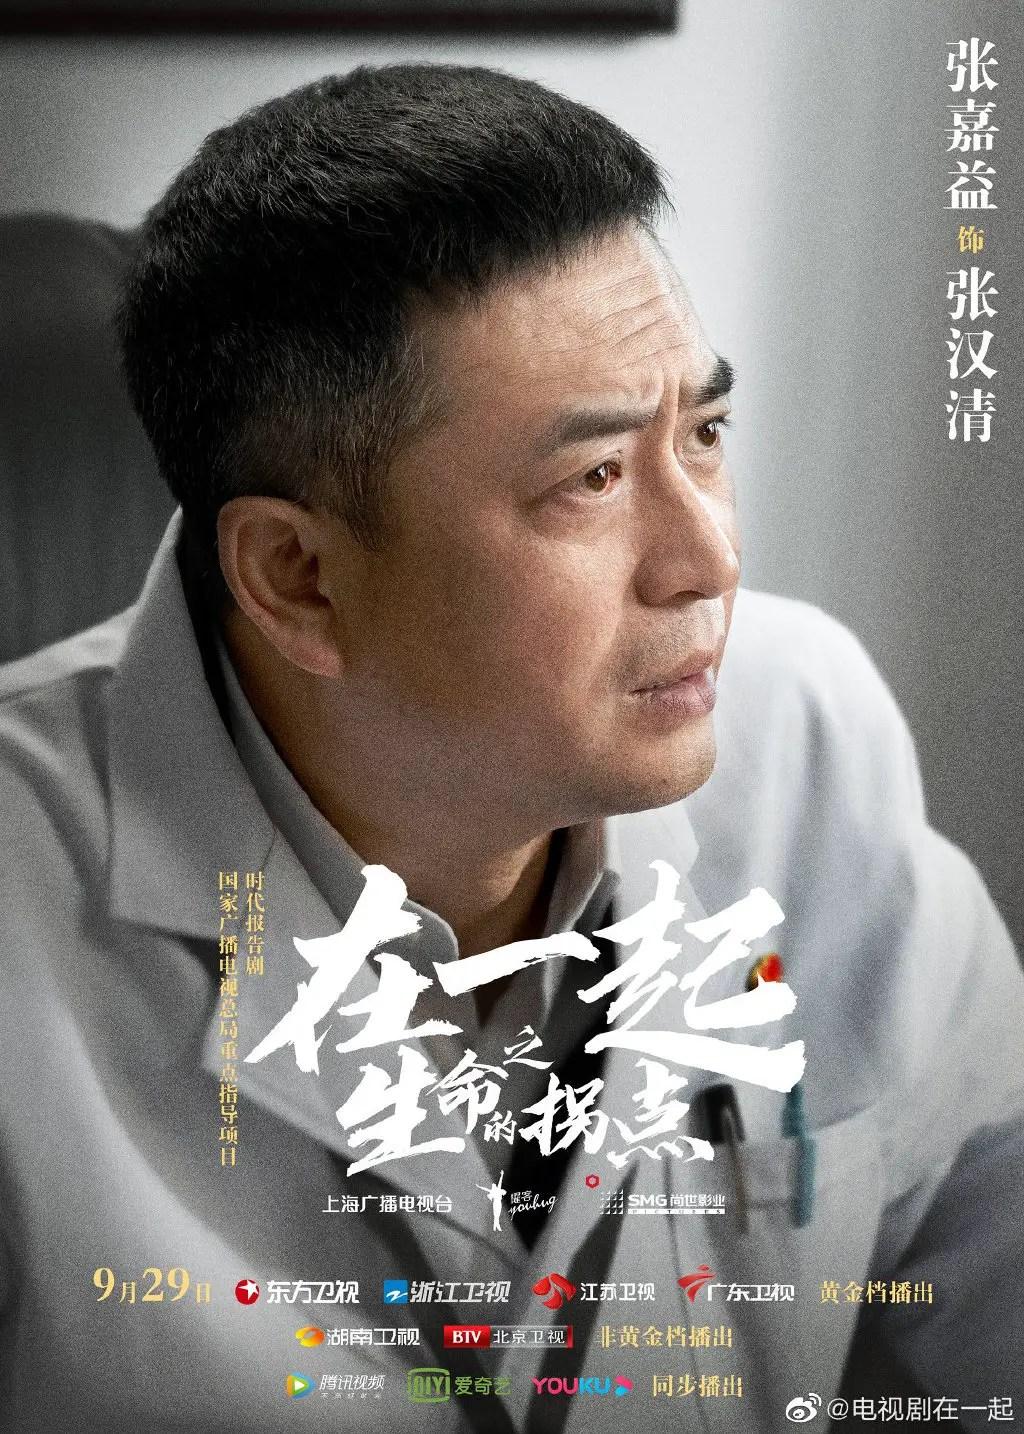 Zhang Jia Yi